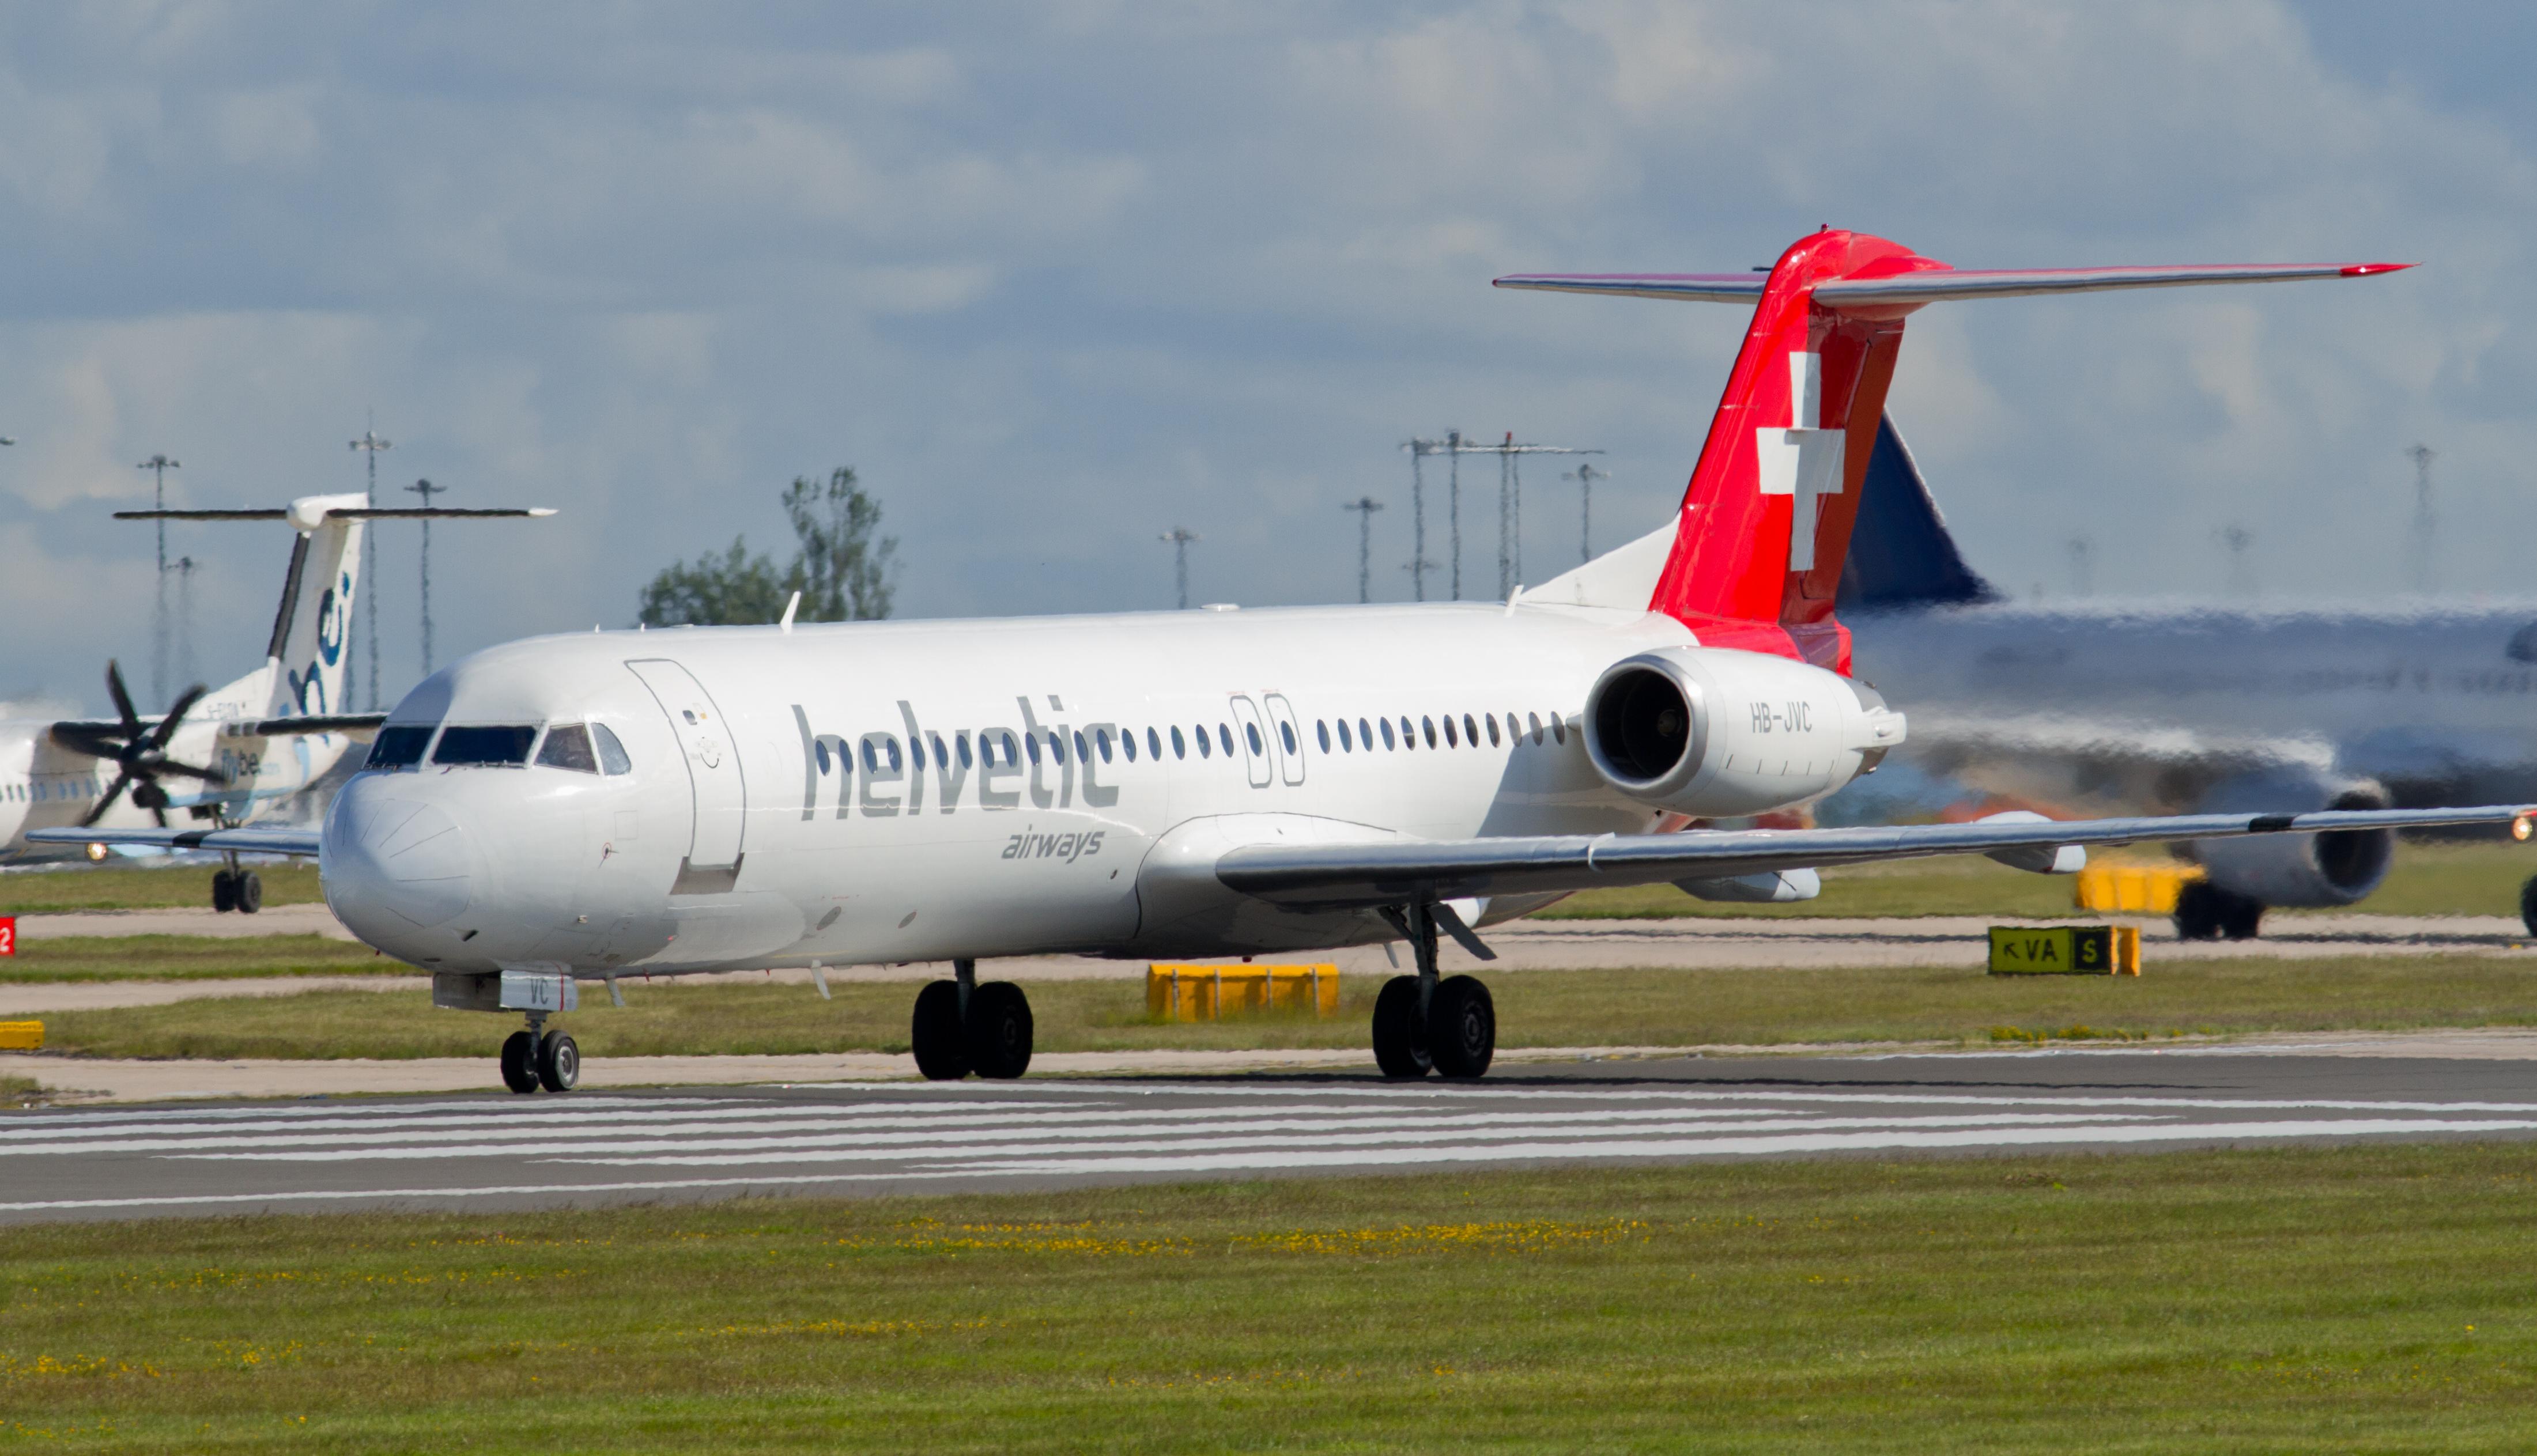 Helvetic_Airways%2C_Fokker_F100%2C_HB-JV